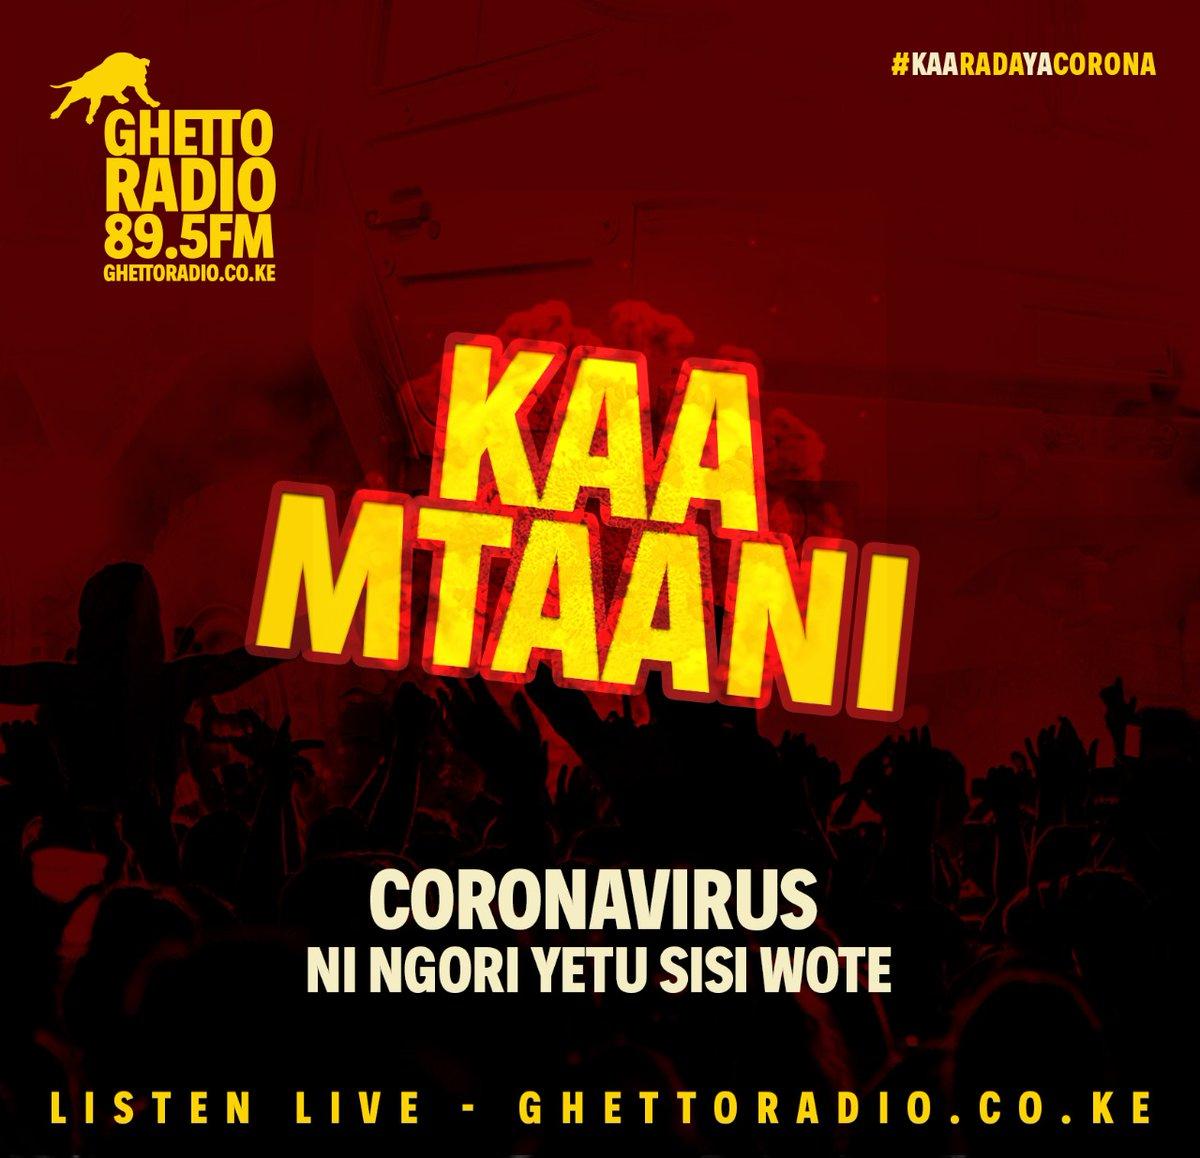 Kama huna kibarua mjini, stay home stay safe #TibaNiSisi #Goteana